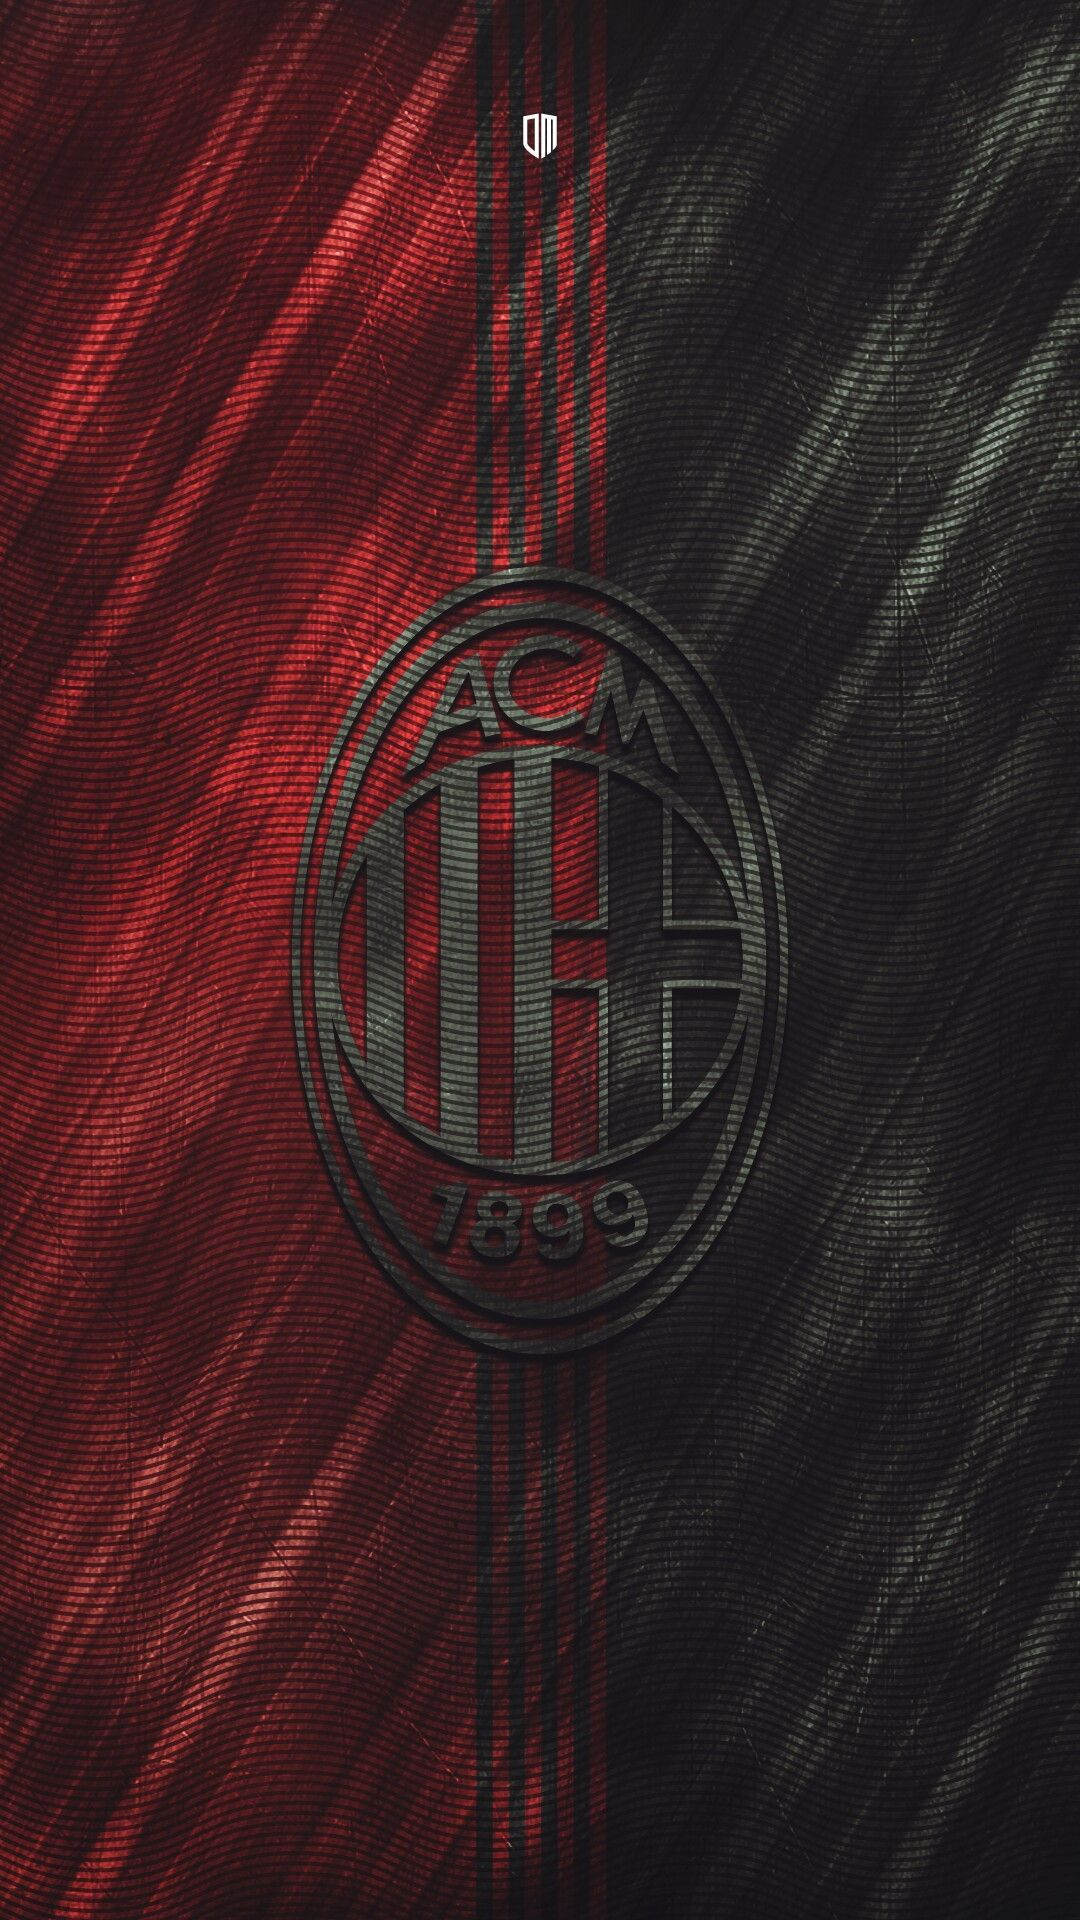 AC Milan Wallpapers Top Free AC Milan Backgrounds